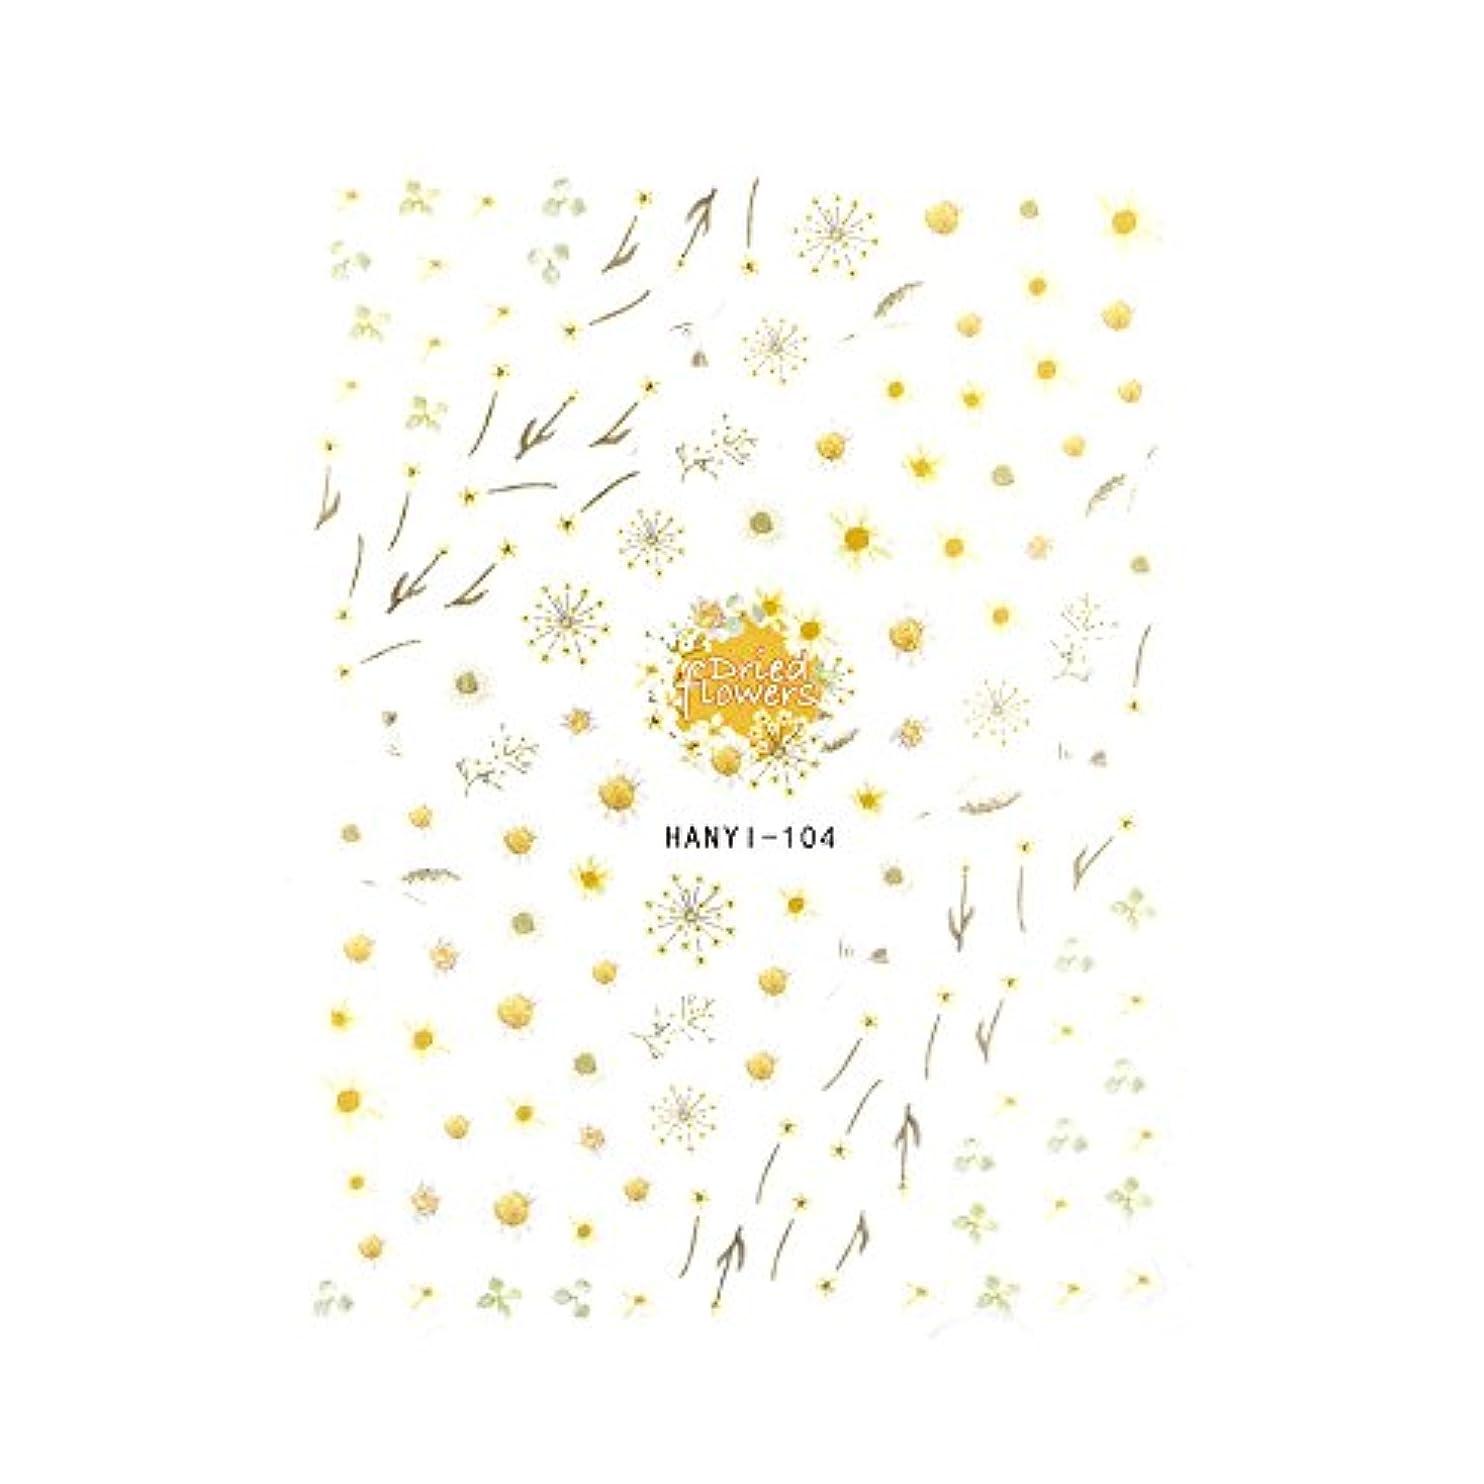 パキスタン人ビールフラグラント【HANYI-104】アイボリードライフラワーシール ドライフラワーネイル 花柄ネイル フルール 春ネイル ニュアンスネイル 押し花